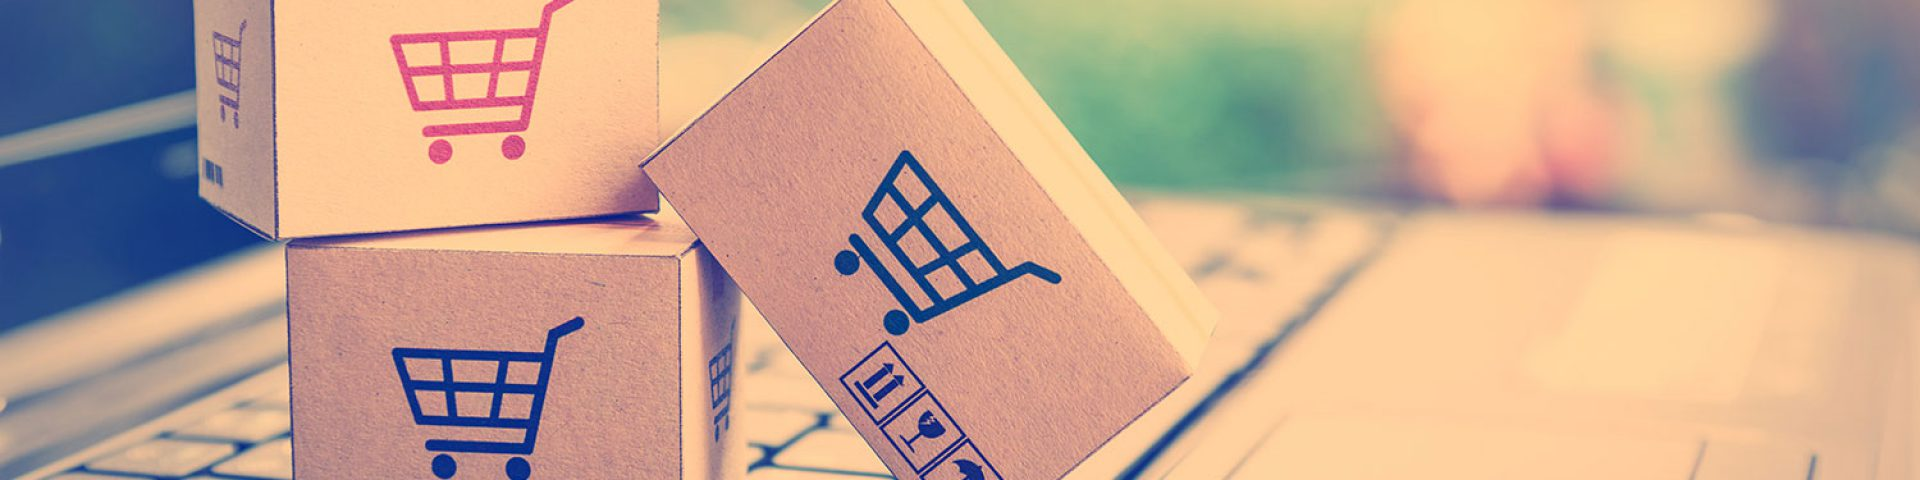 Desarrollo de soluciones e-commerce